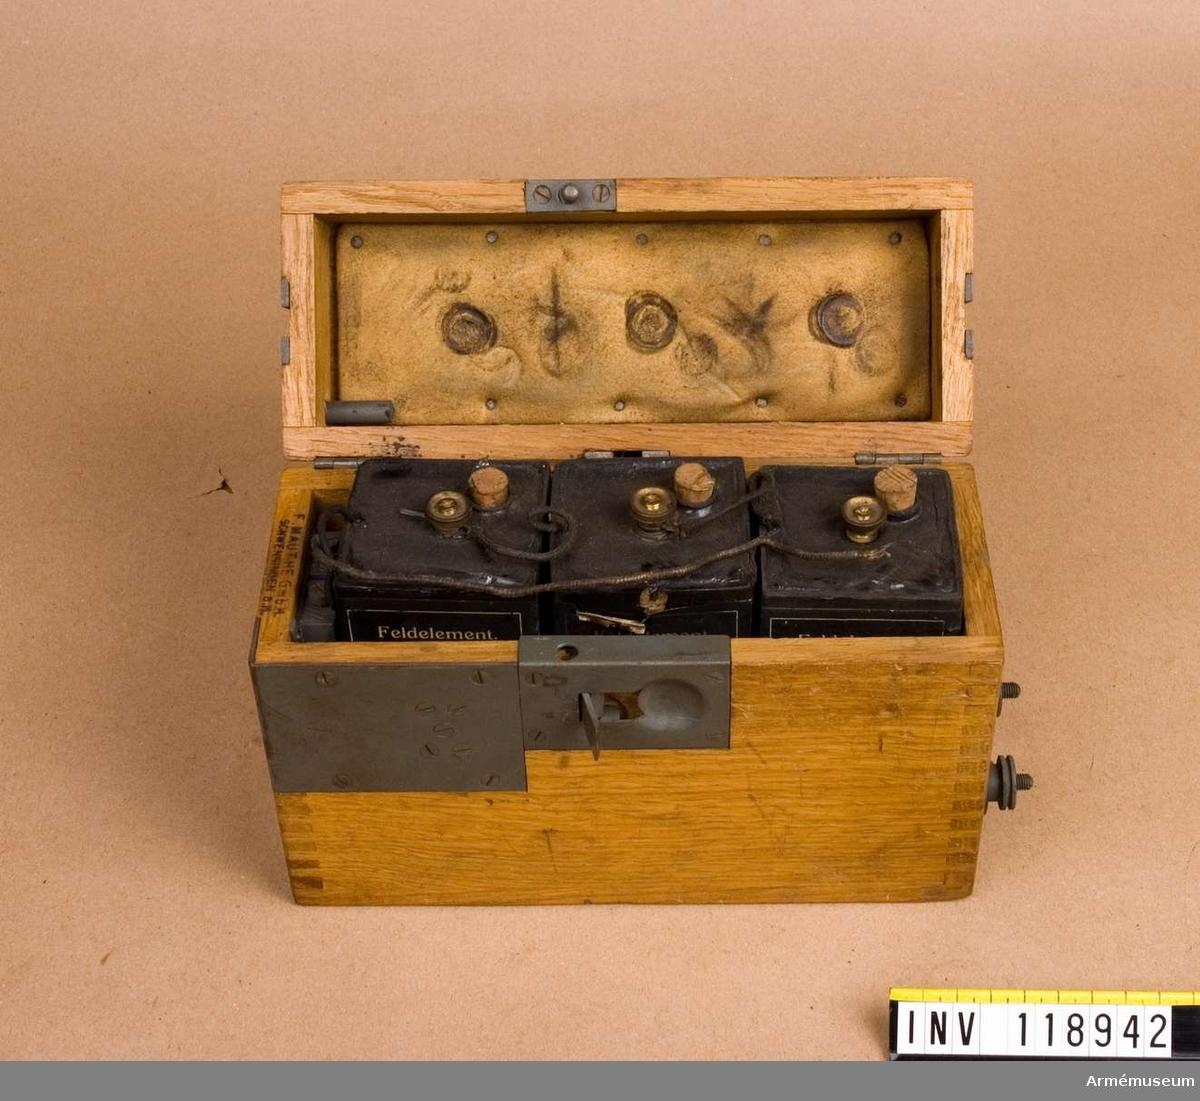 Grupp H I. Batterilåda med batteri - tre stora torrelement NEW, tillhörande fälttelefonapparat av tyskt fabrikat. Jfr AM 37023, 37033 och 38378.